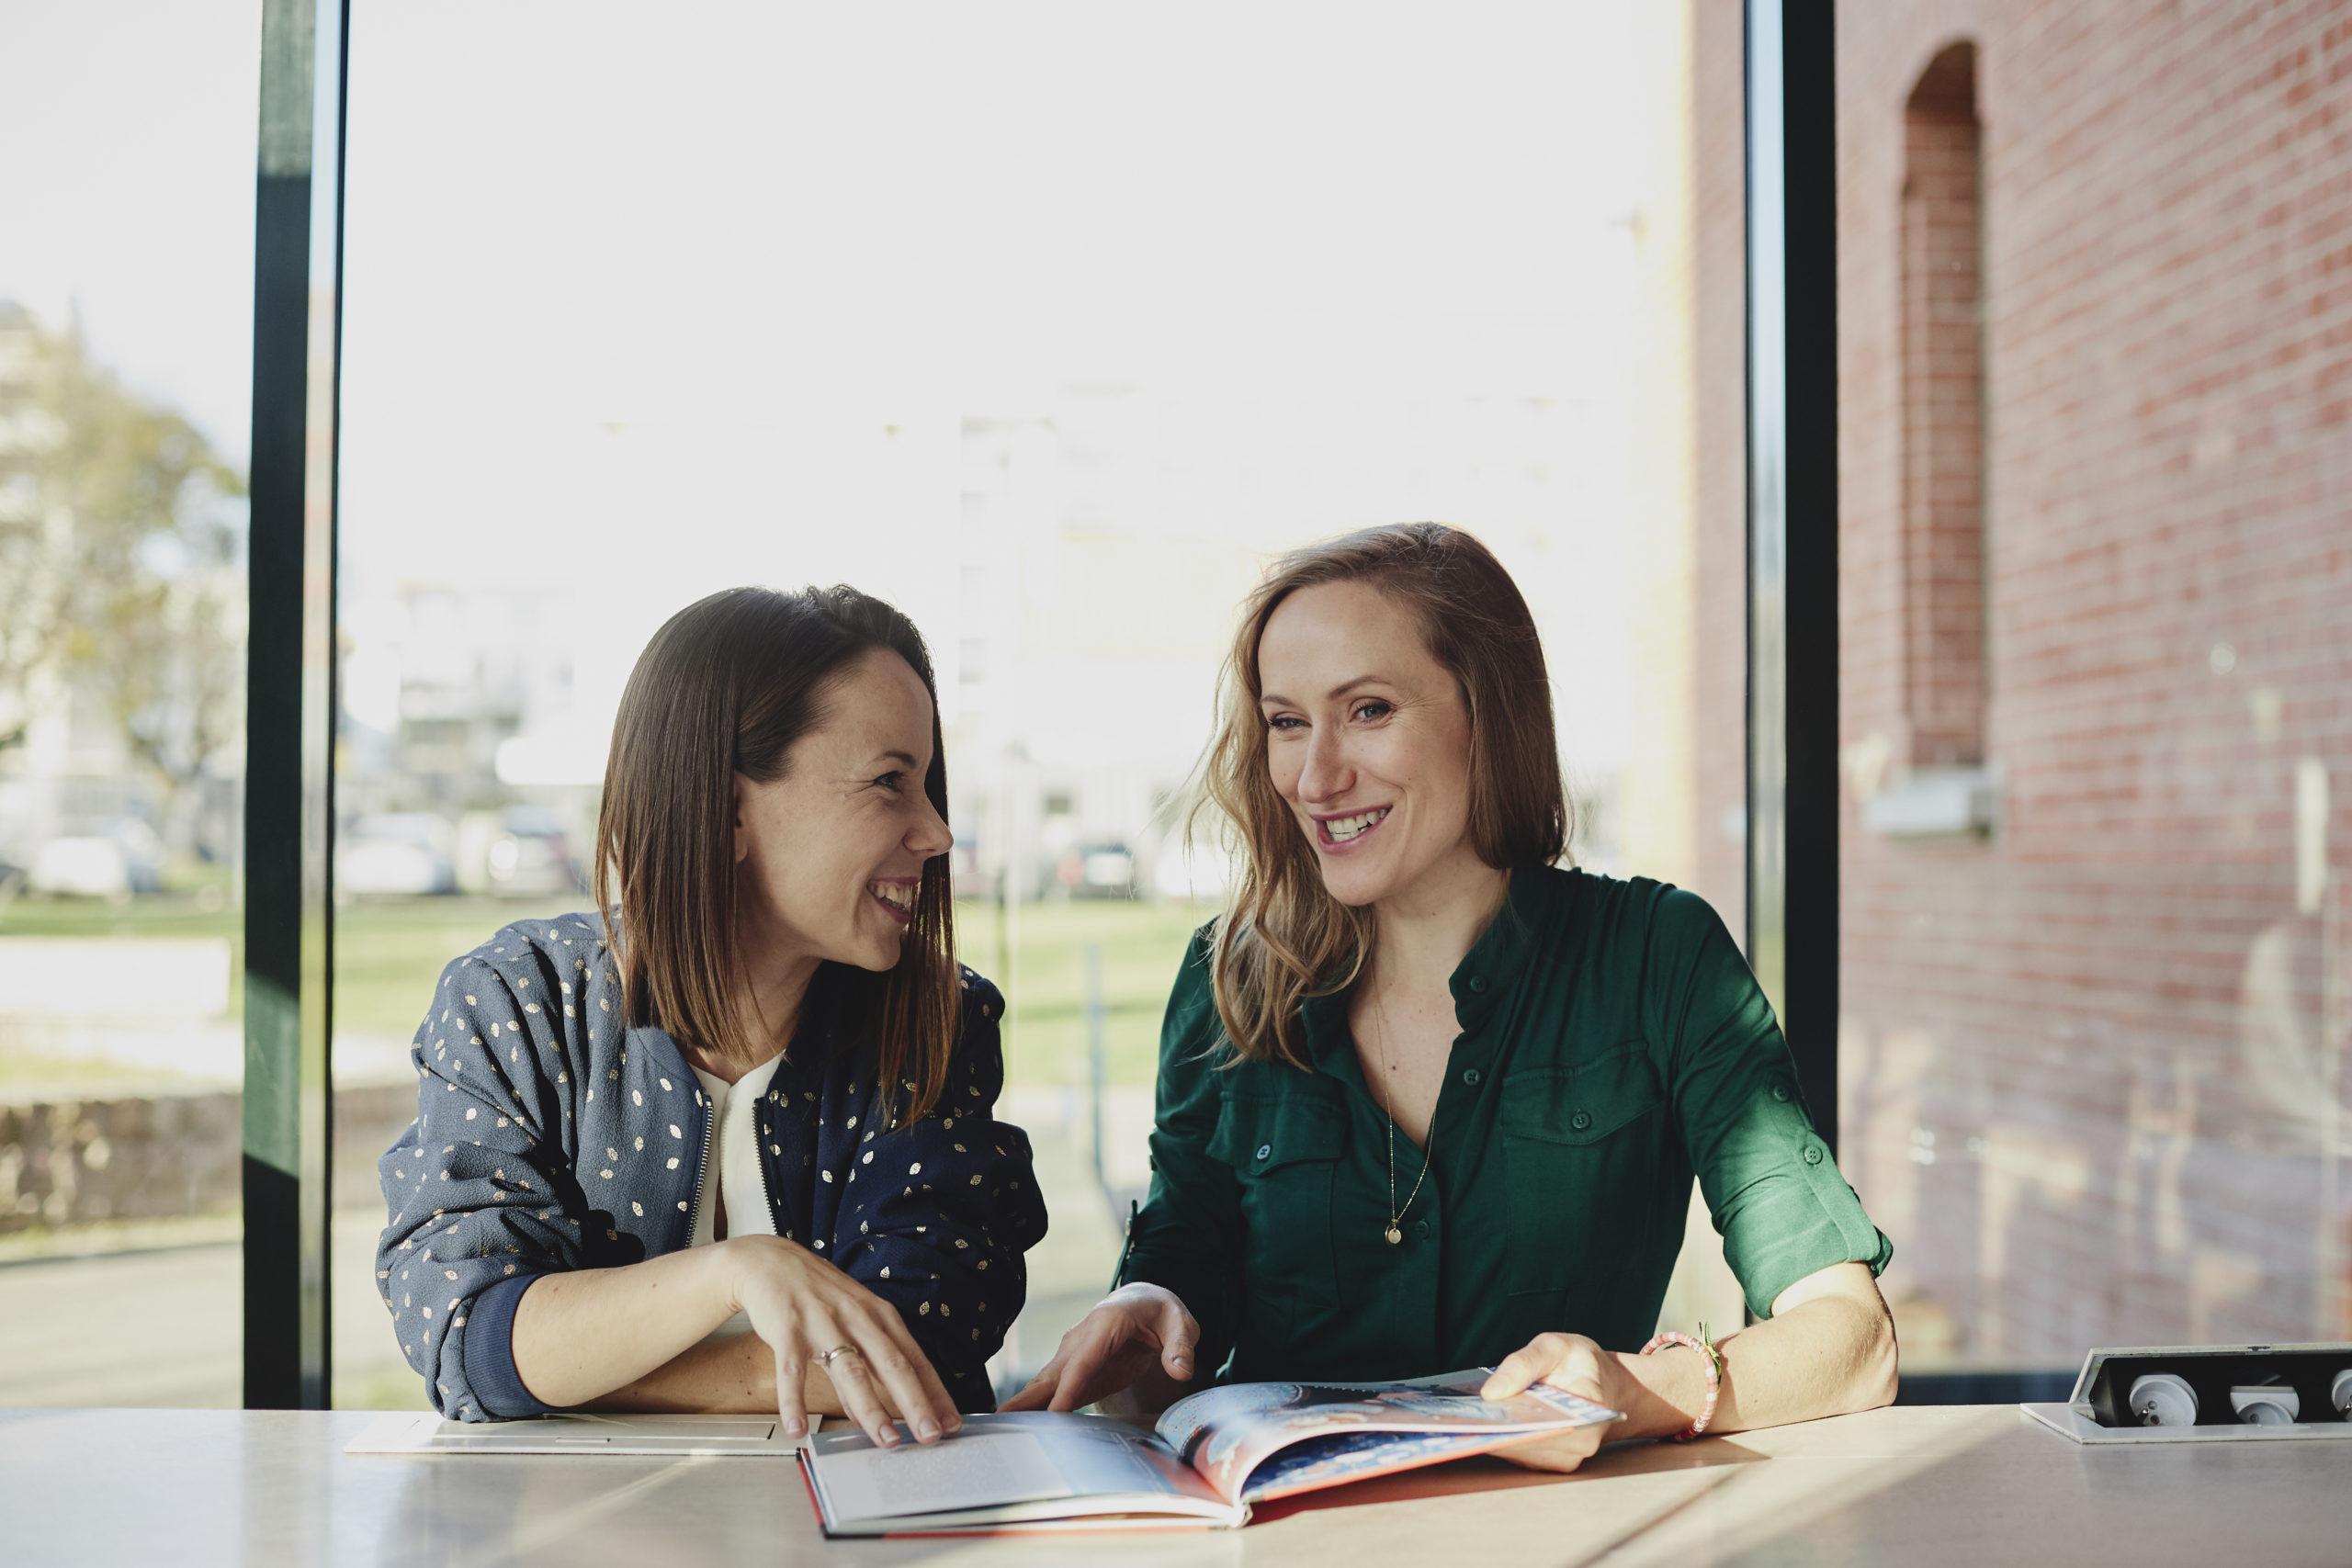 Agnieszka i Malwina się śmieją.